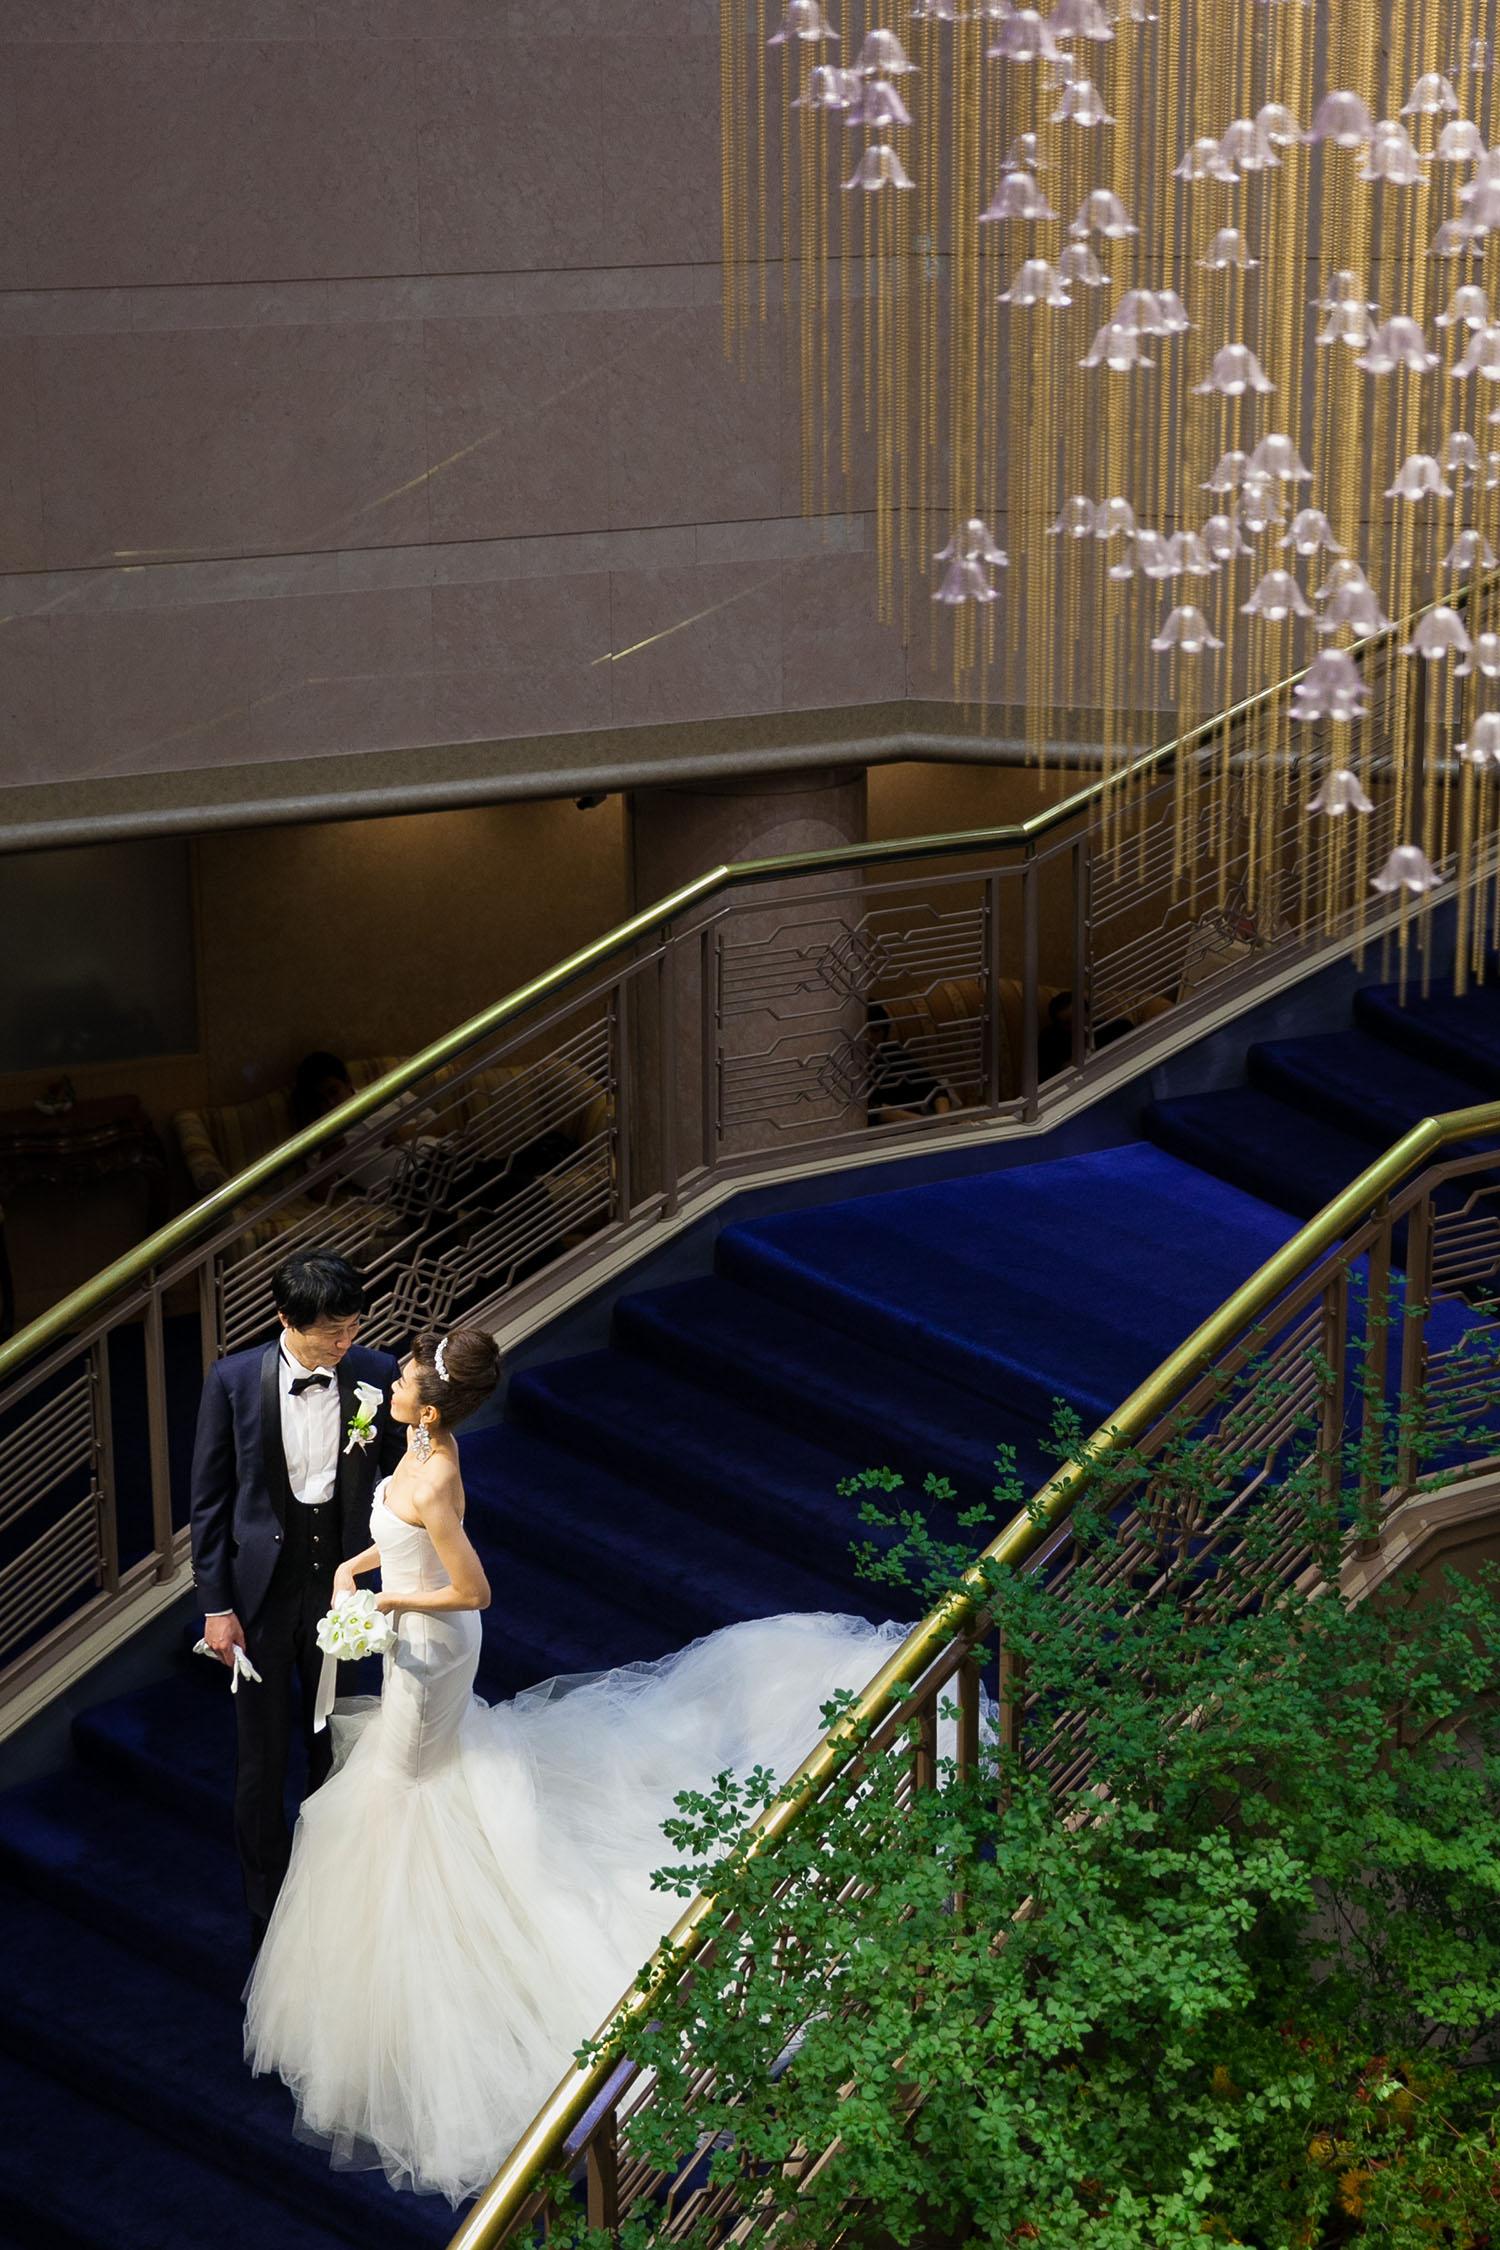 明治記念館 階段